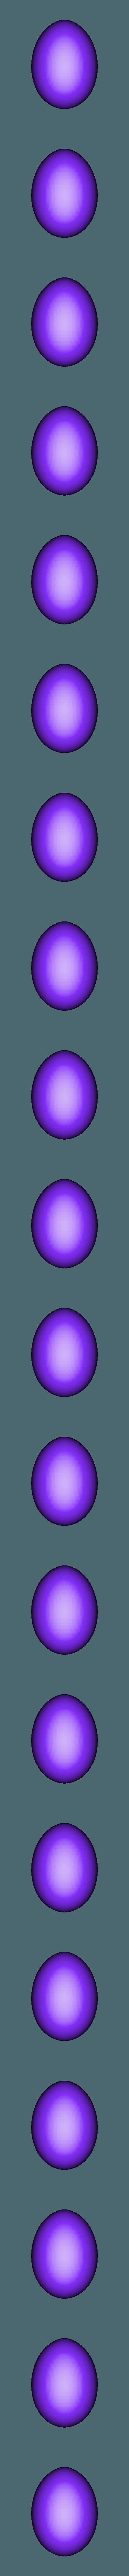 Normalized_Egg.stl Download STL file Easter Eggs Basket • 3D printable design, SE_2018